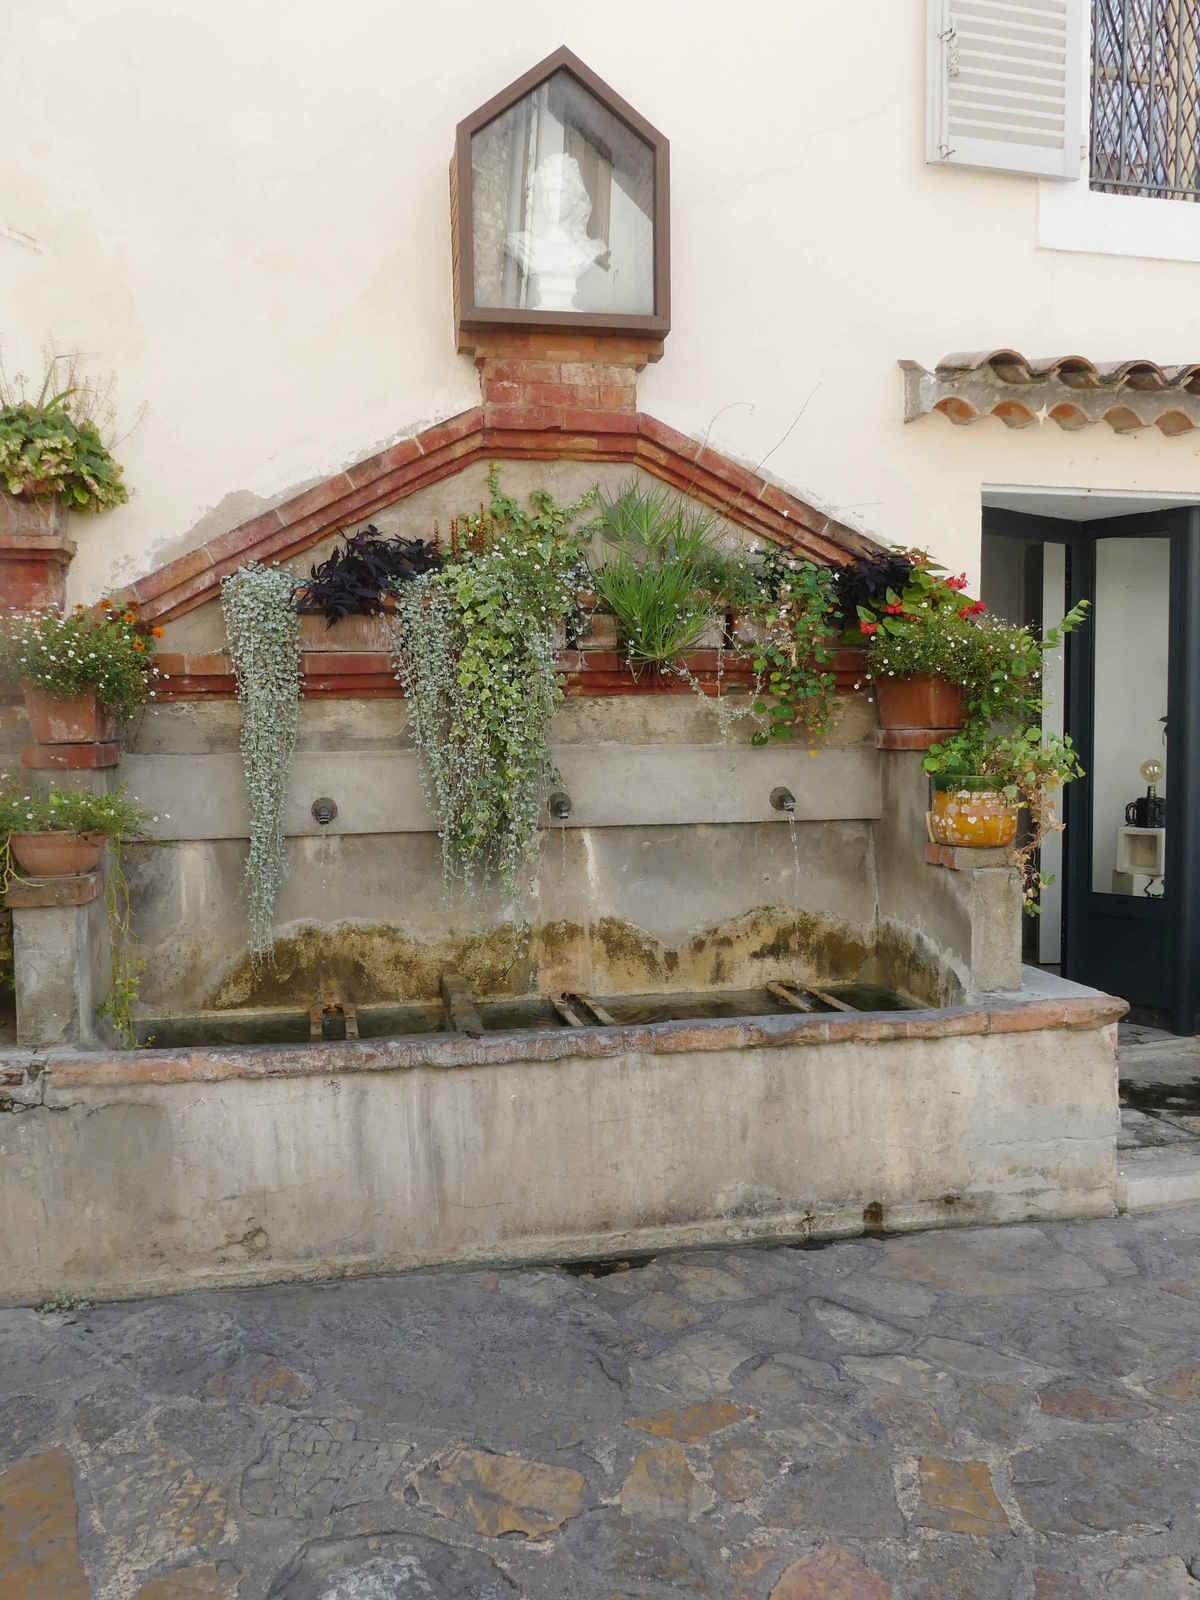 Carnet de voyage : Le pays de Fayence et ses villages perchés Tourrettes (1)